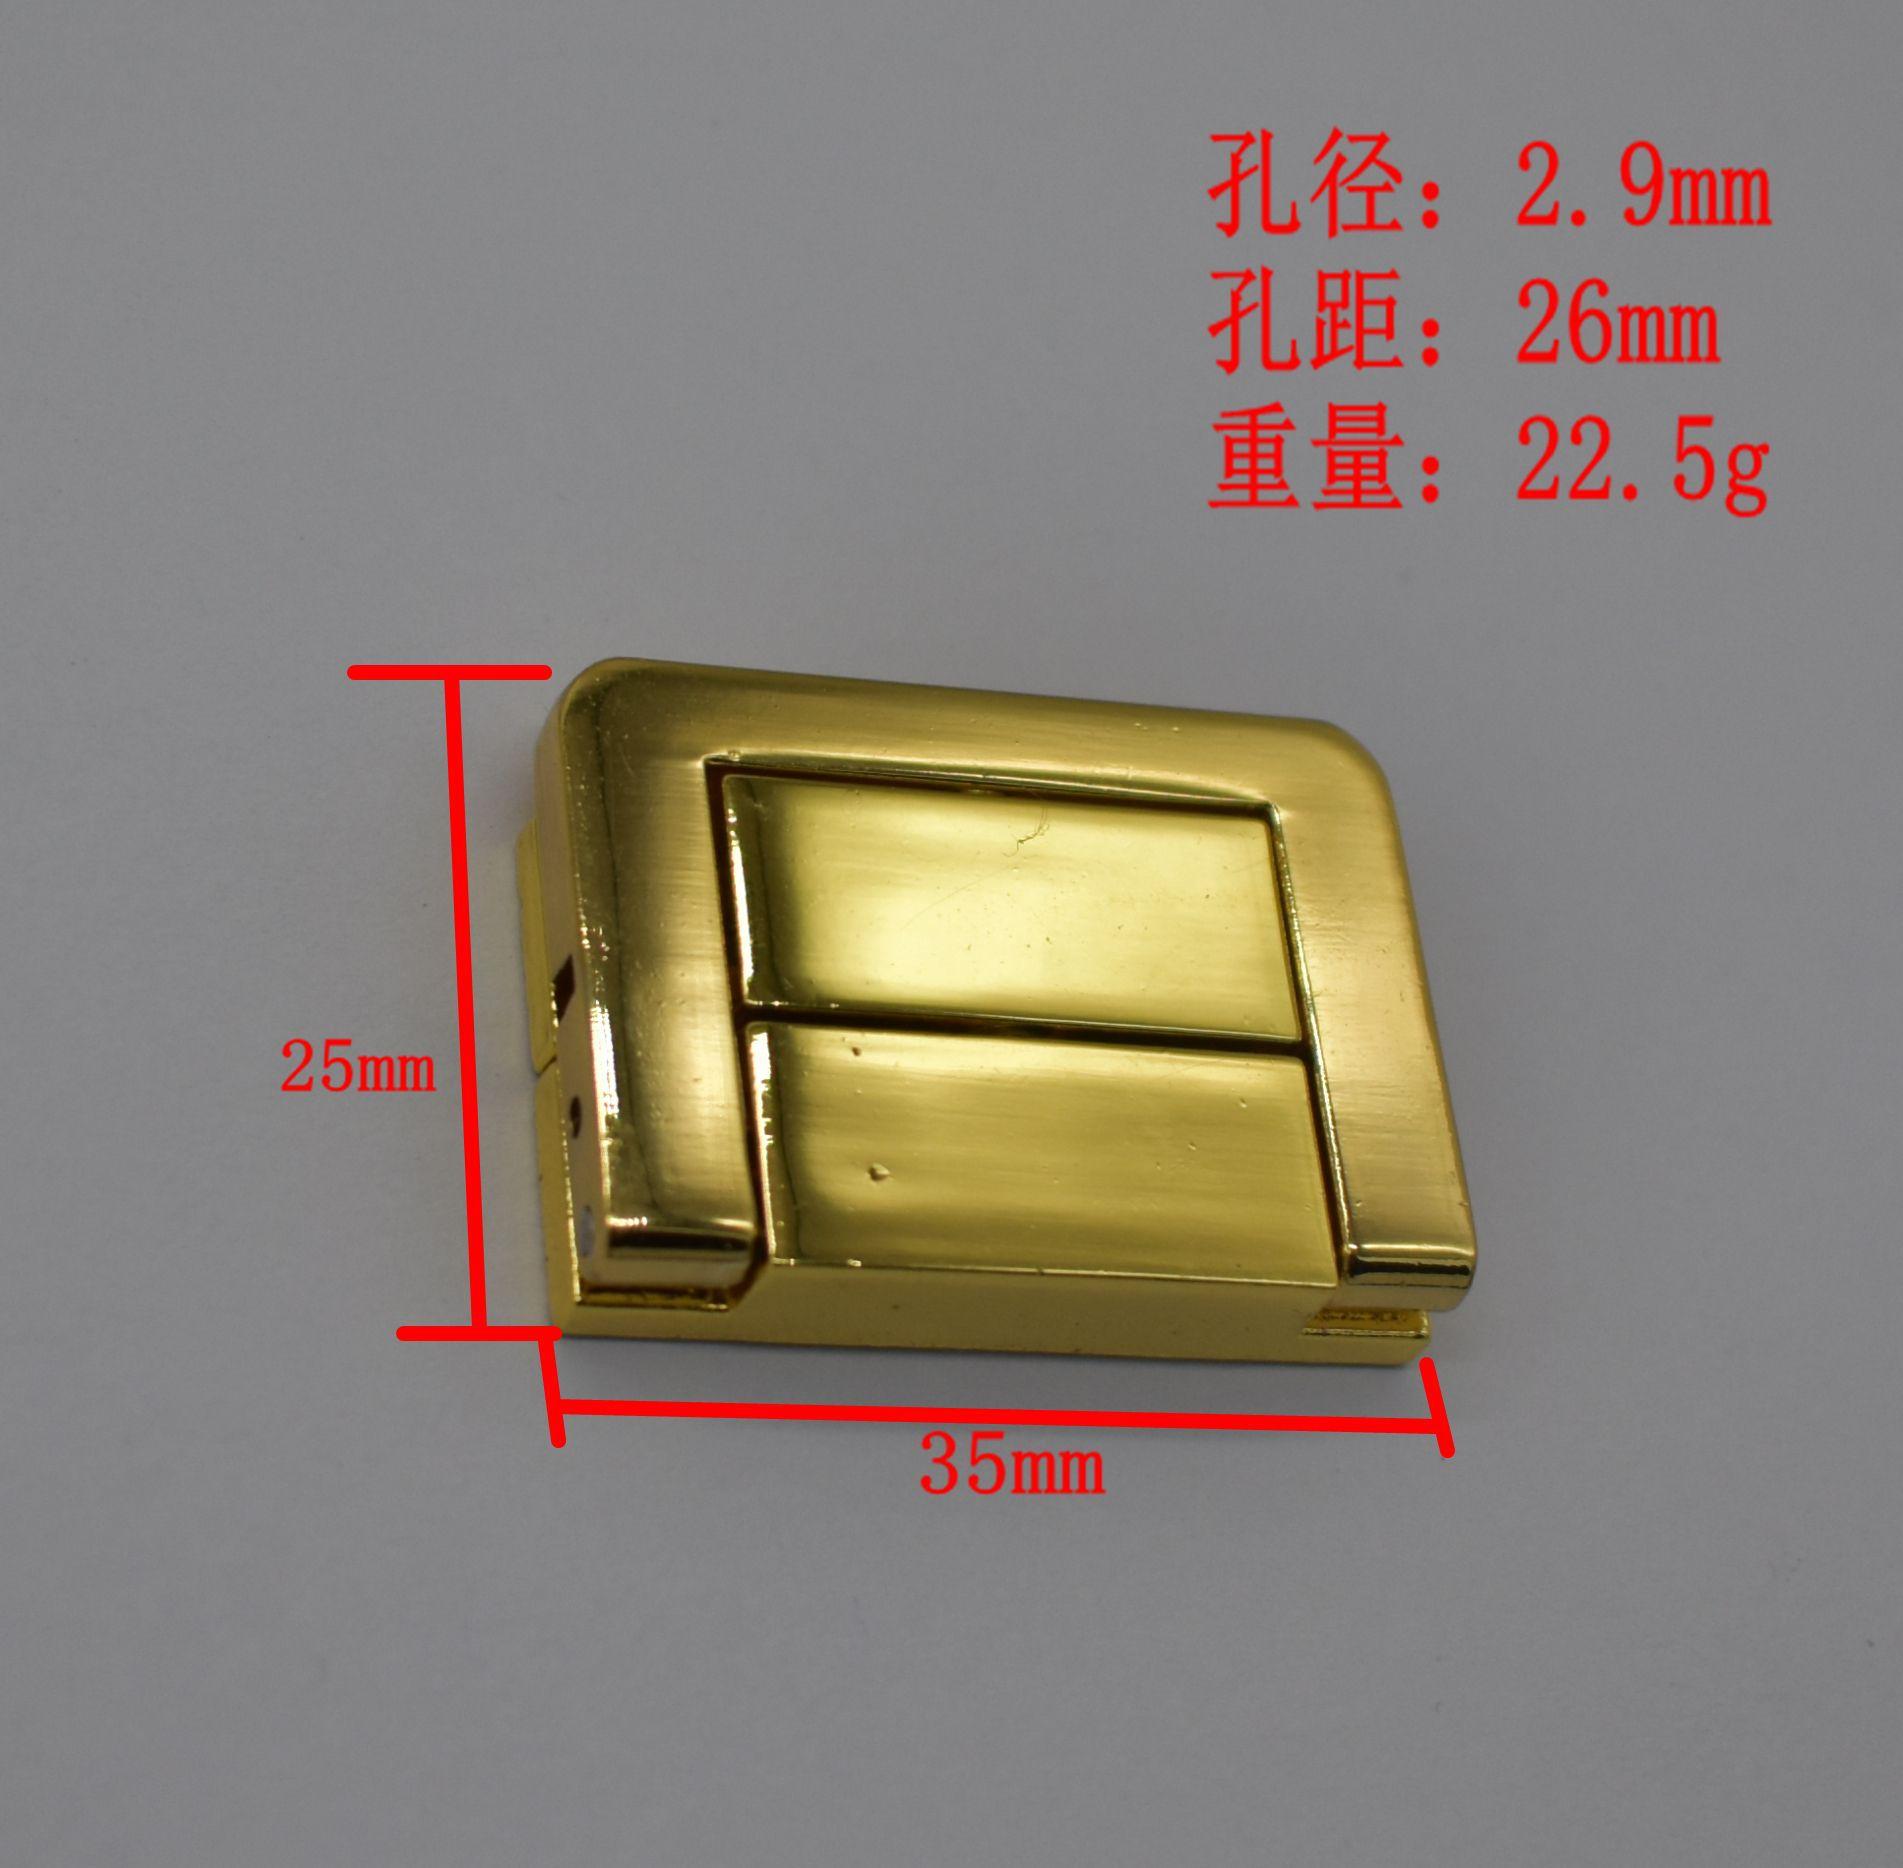 现货直销 圆角四方锁(有缺口) 小四方锁 木盒锁扣 首饰盒锁扣